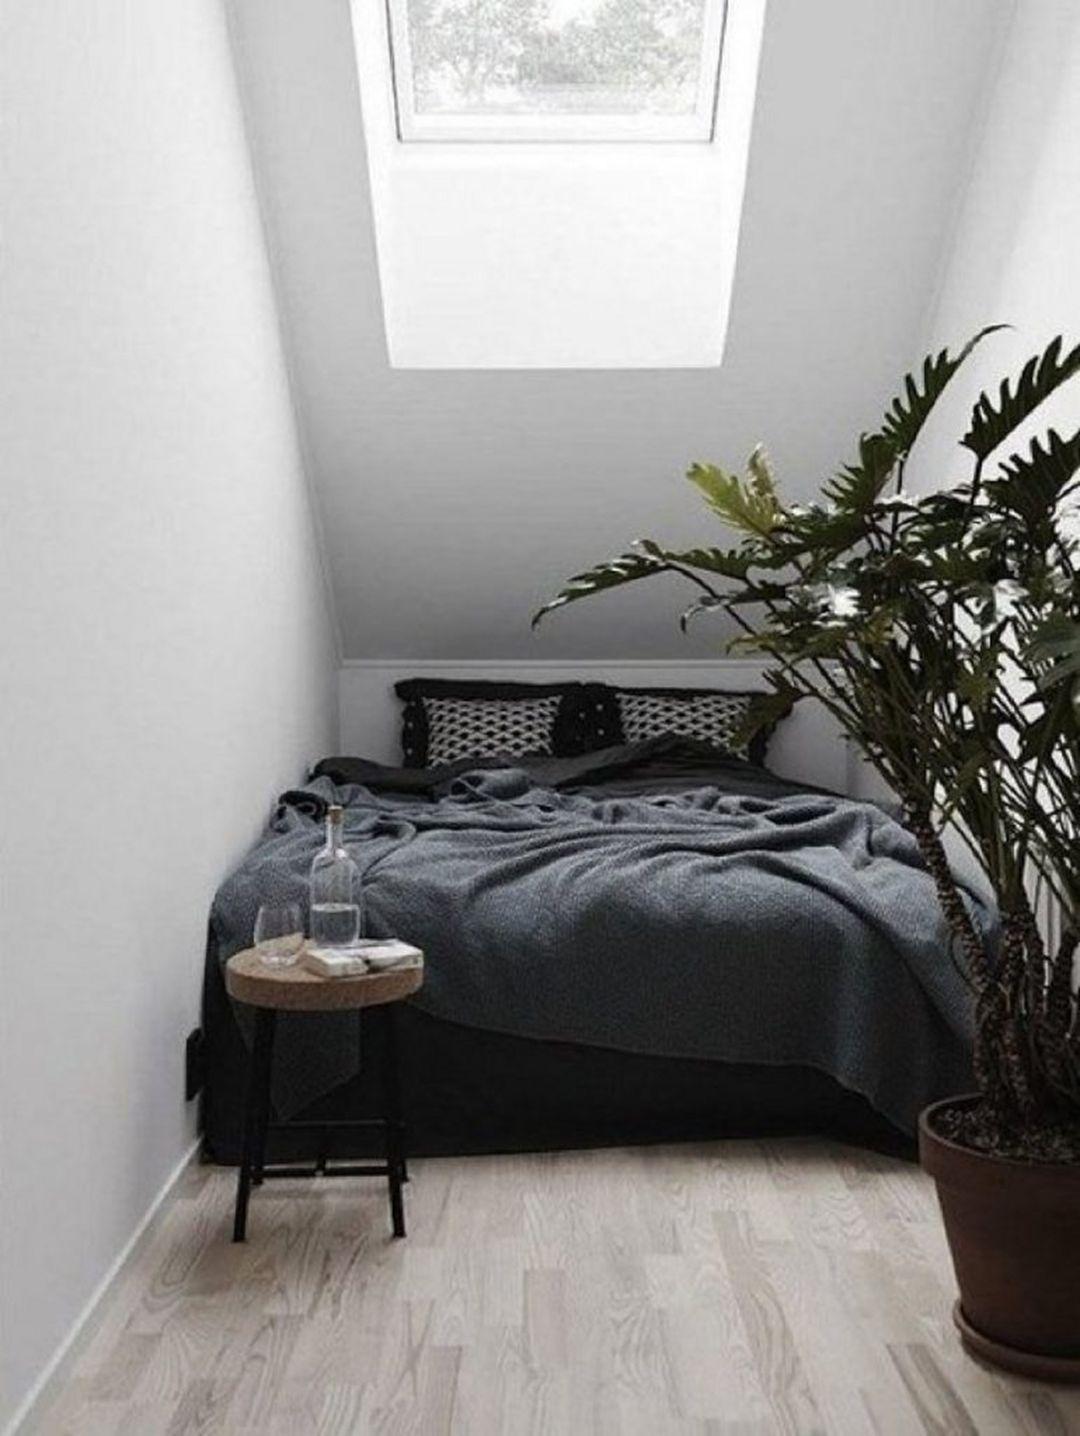 Master bedroom 2018 trends   Elegant Scandinavian Master Bedroom Design Trends   Bedroom